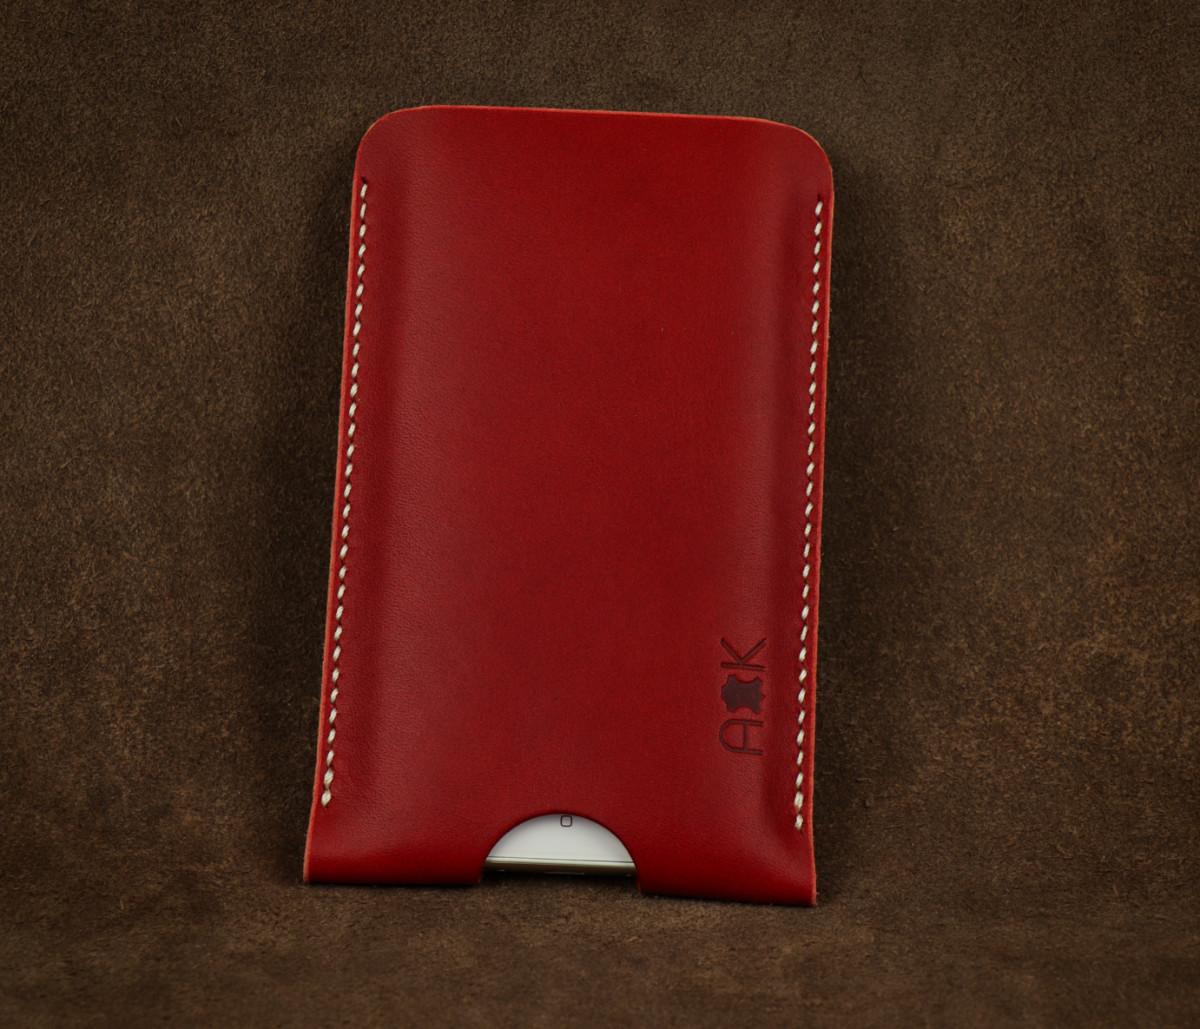 Pouzdro A-K z pravé kůže pro Huawei nova plus, červené